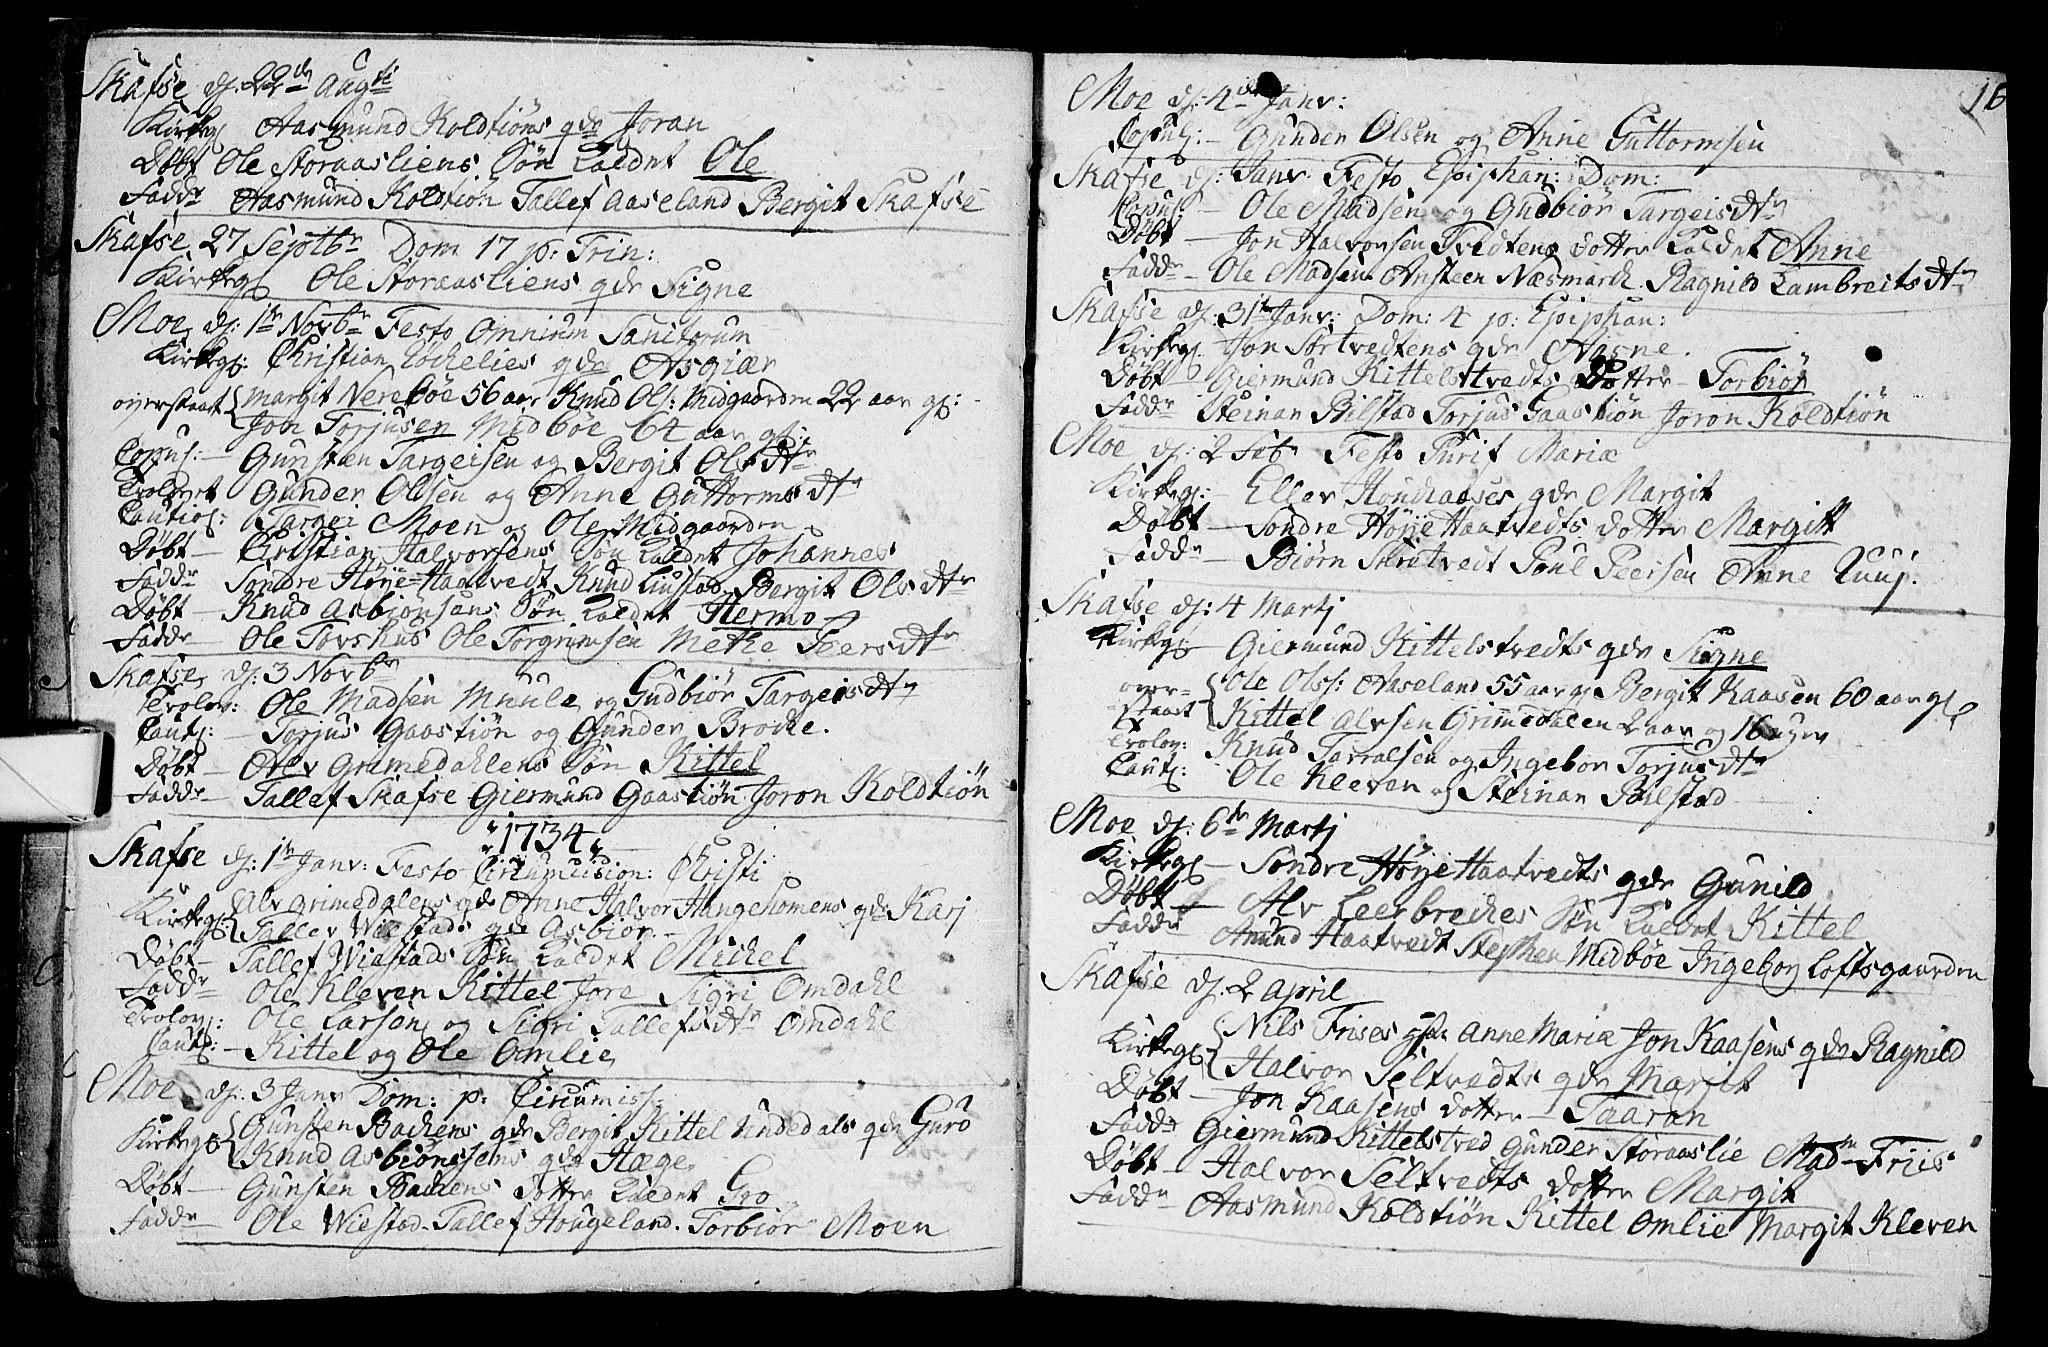 SAKO, Mo kirkebøker, F/Fa/L0001: Ministerialbok nr. I 1, 1724-1748, s. 16